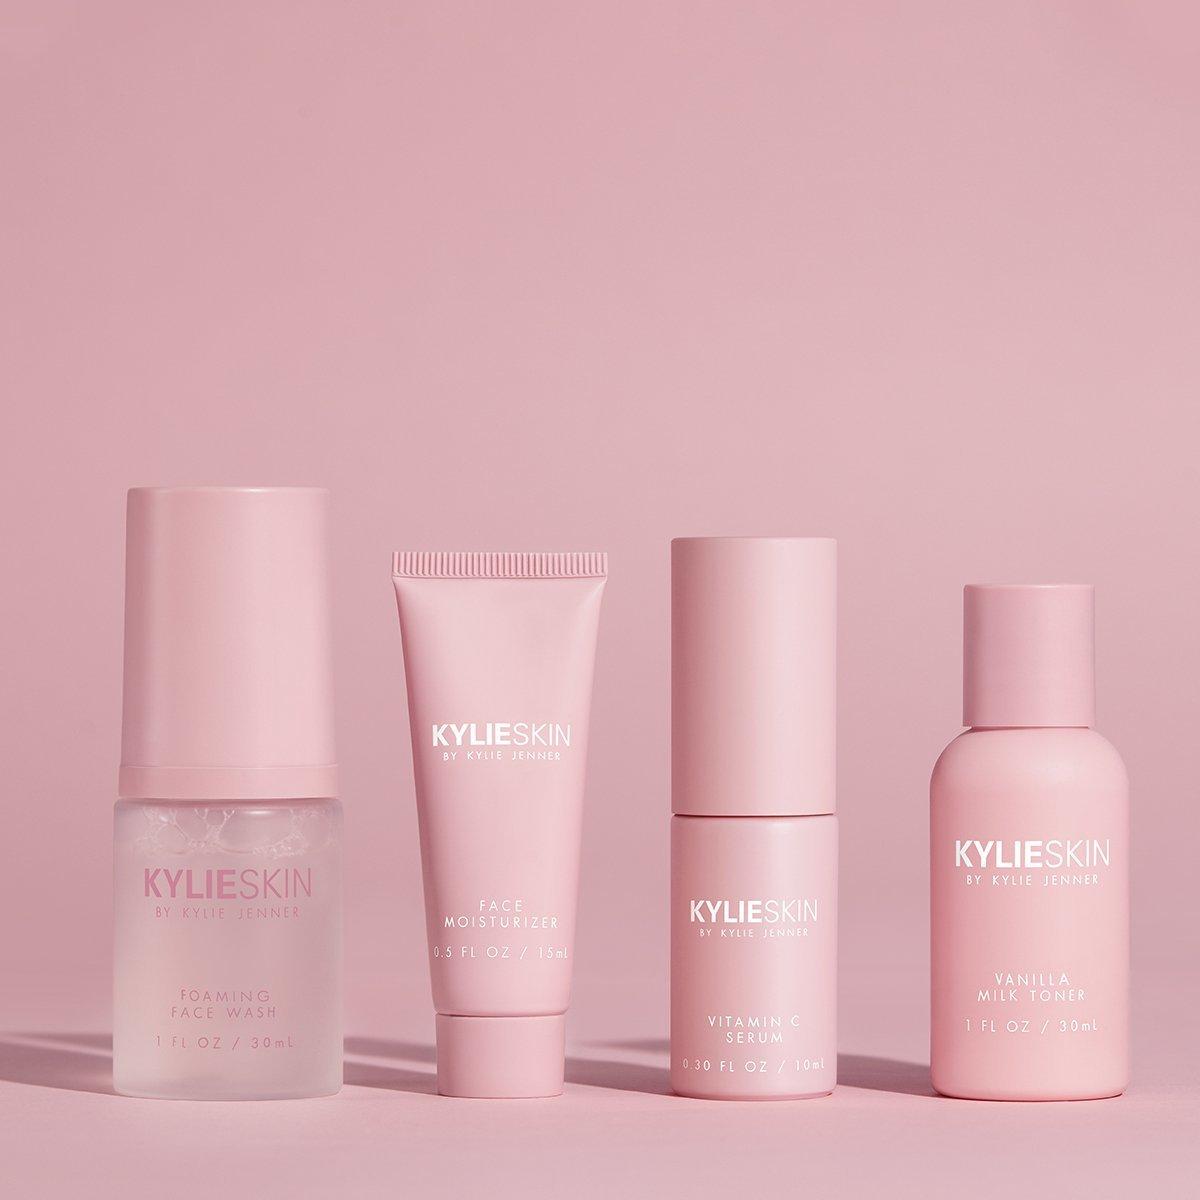 Kylie Skin Travel Set